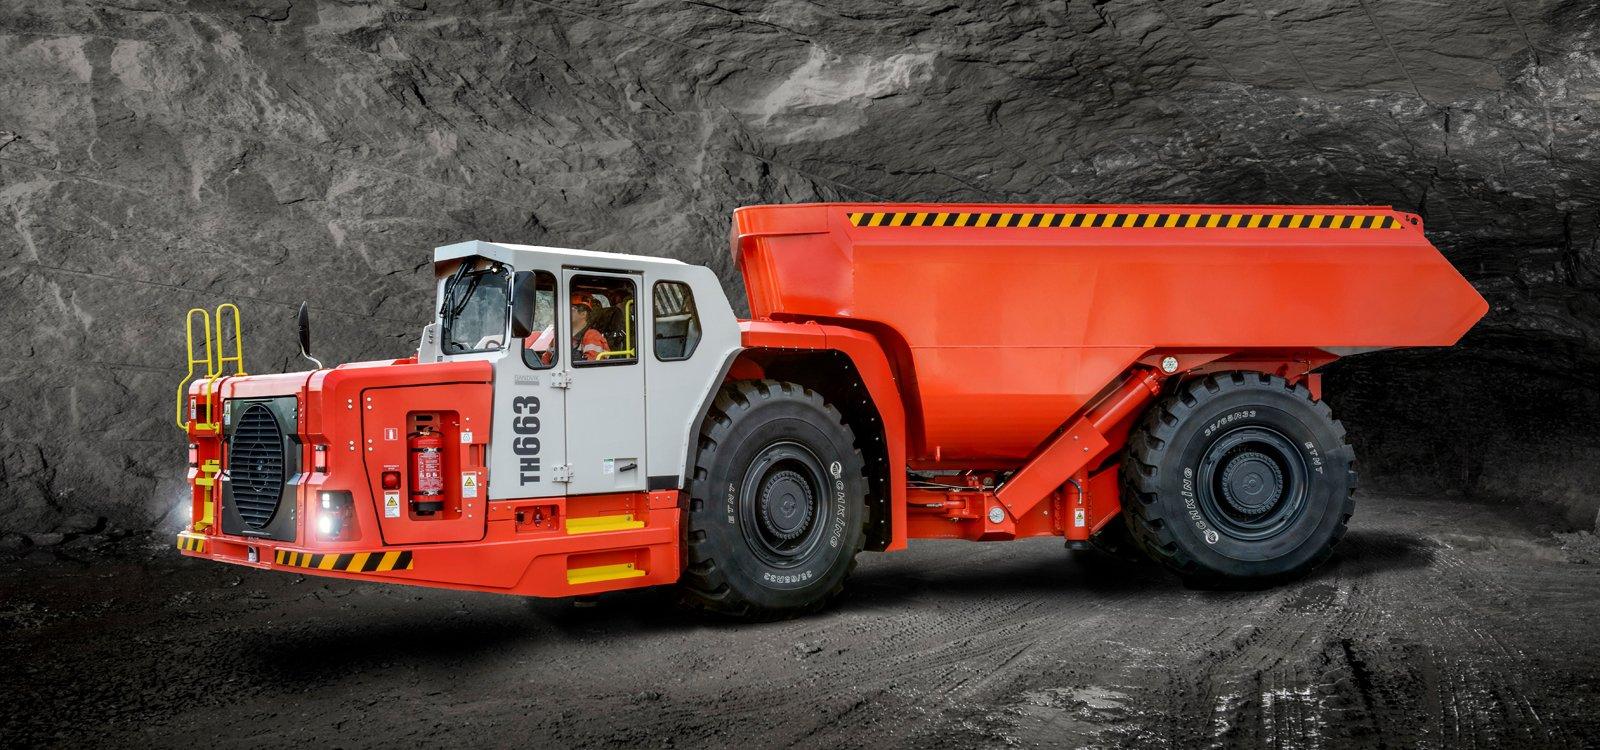 <p>Australijska firma FMR Investments wybrała finansowanie oferowane przez firmę Sandvik, planując zakup nowej floty wozów odstawczych do swojej kopalni Eloise</p>